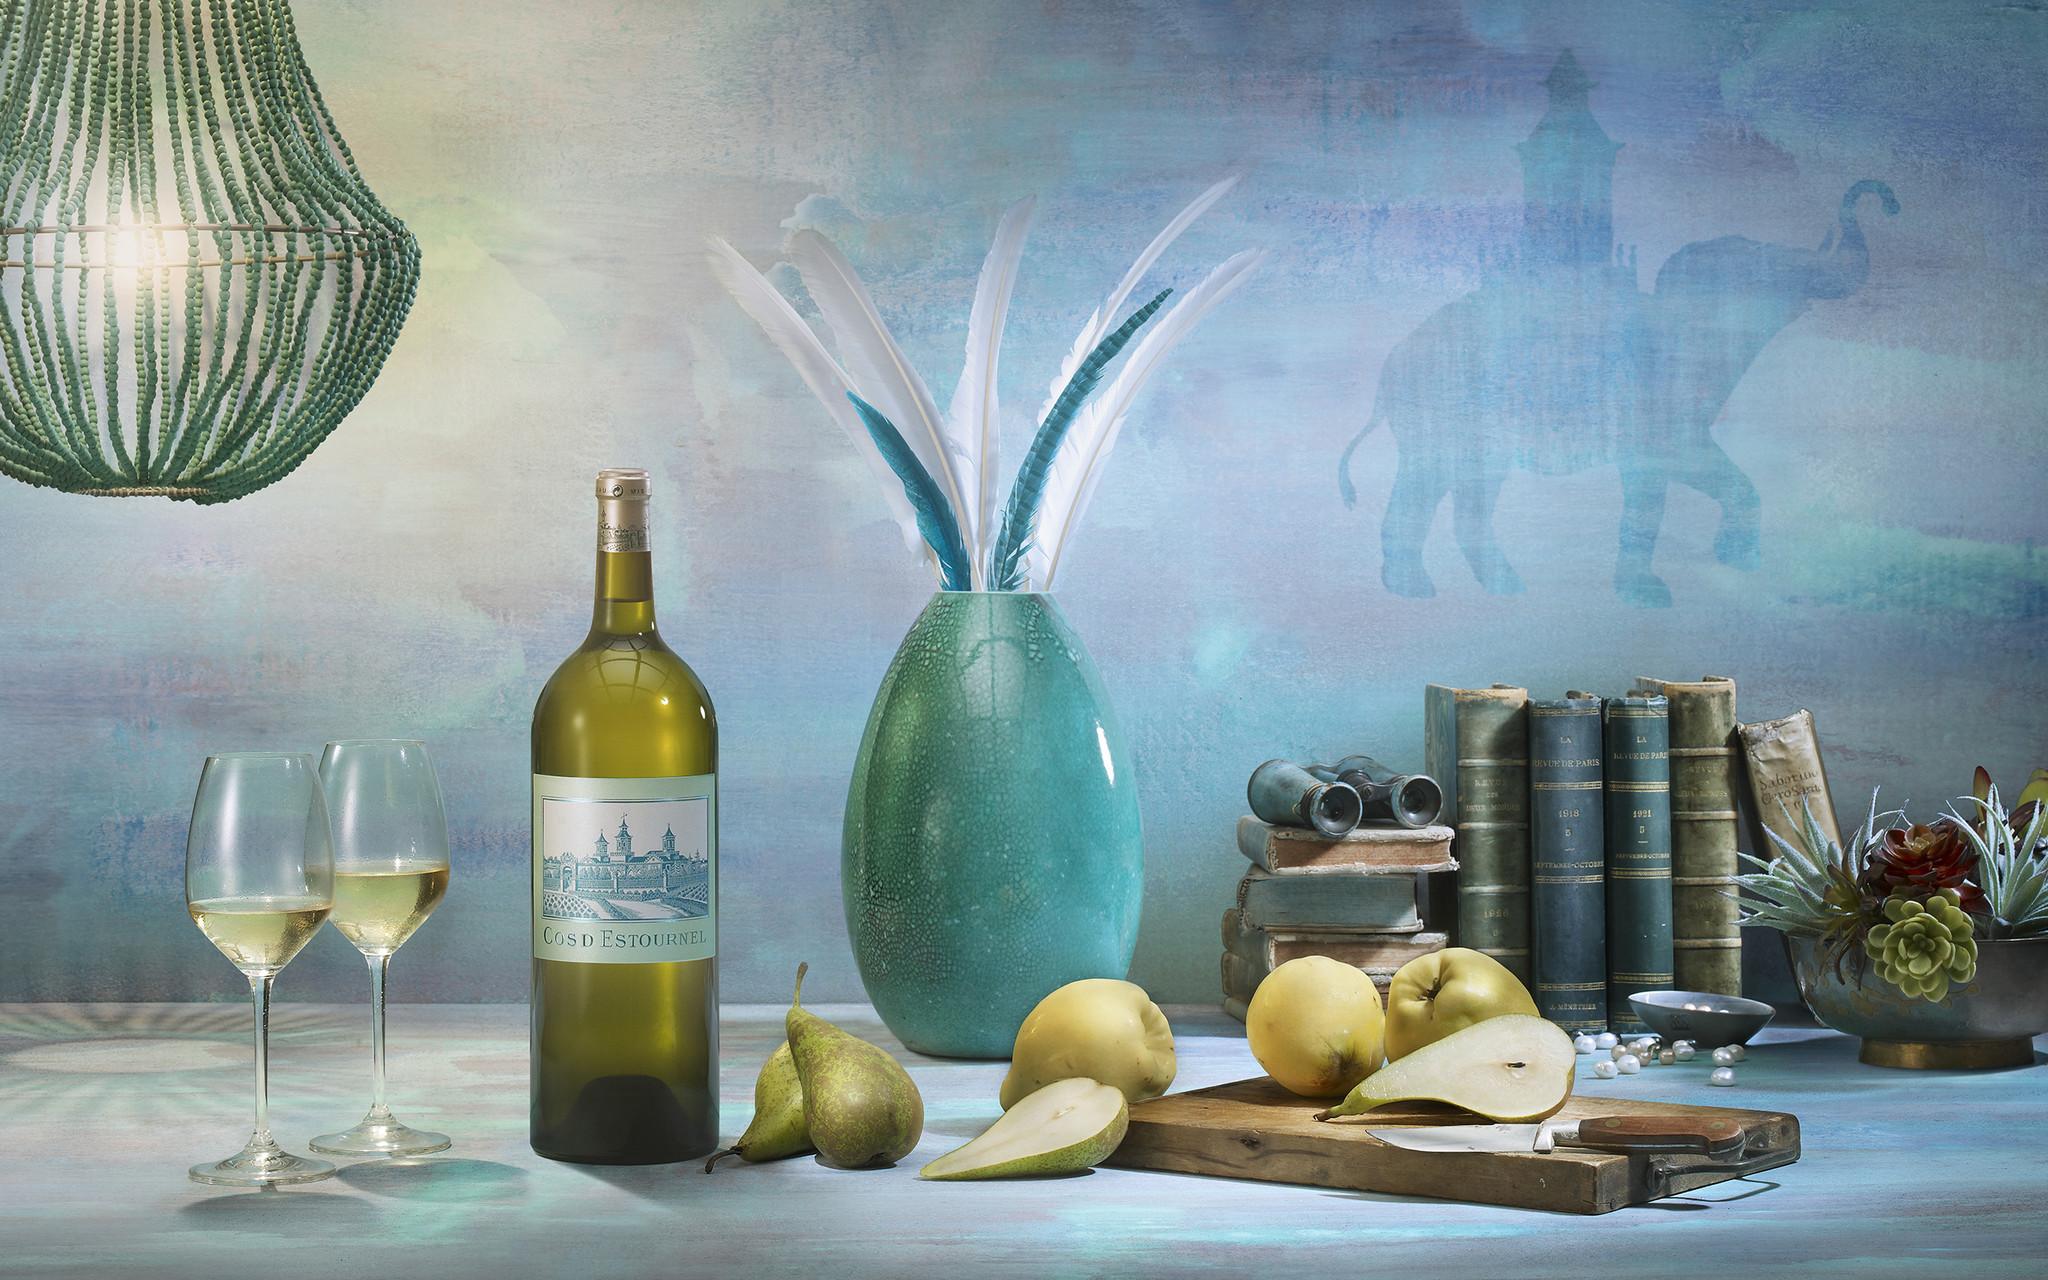 教你区分长相思和绿维特利纳葡萄酒